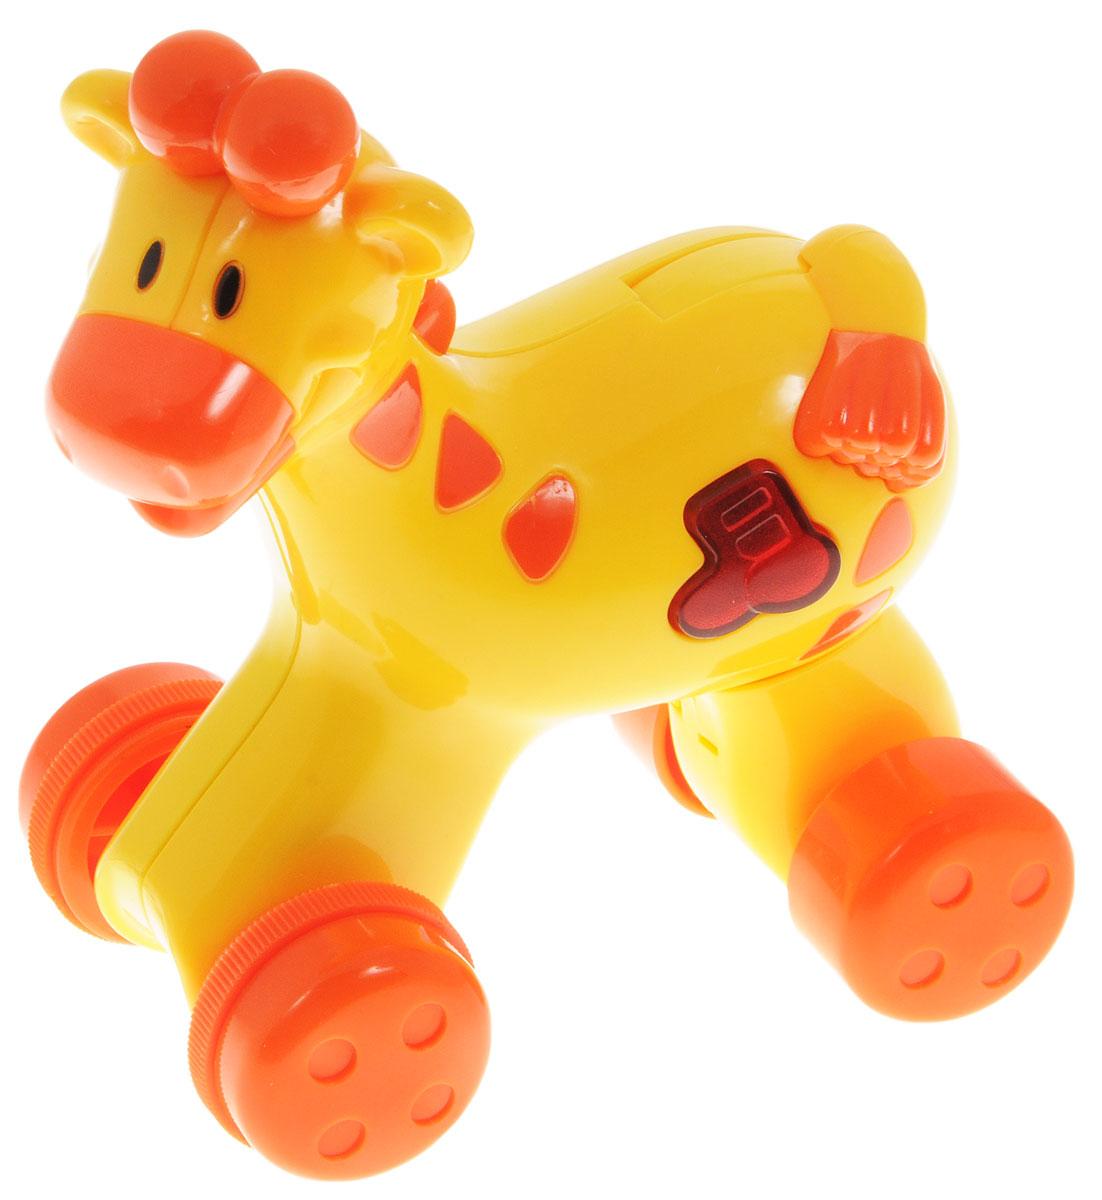 Navystar Музыкальная игрушка-каталка Жираф68081-T-GМузыкальная игрушка-каталка Navystar Жираф привлечет внимание вашего малыша и не оставит его равнодушным. Игрушка выполнена из прочного пластика в виде забавного жирафа. На теле игрушки имеется кнопочка в виде нот, при нажатии на которую воспроизводятся разные мелодии и мигает огонек в кнопочке. Музыкальная игрушка- каталка воспроизводит 40 различных мелодий. Игрушка также оснащена механизмом Press n Go. Если нажать на спину зверушке, она быстро поедет вперед. Музыкальная игрушка-каталка Navystar Жираф поможет малышу развить цветовое и звуковое восприятие, координацию движений и мышление. Для работы игрушки необходимы 3 батарейки типа AG13 (LR44) напряжением 1,5V (товар комплектуется демонстрационными).